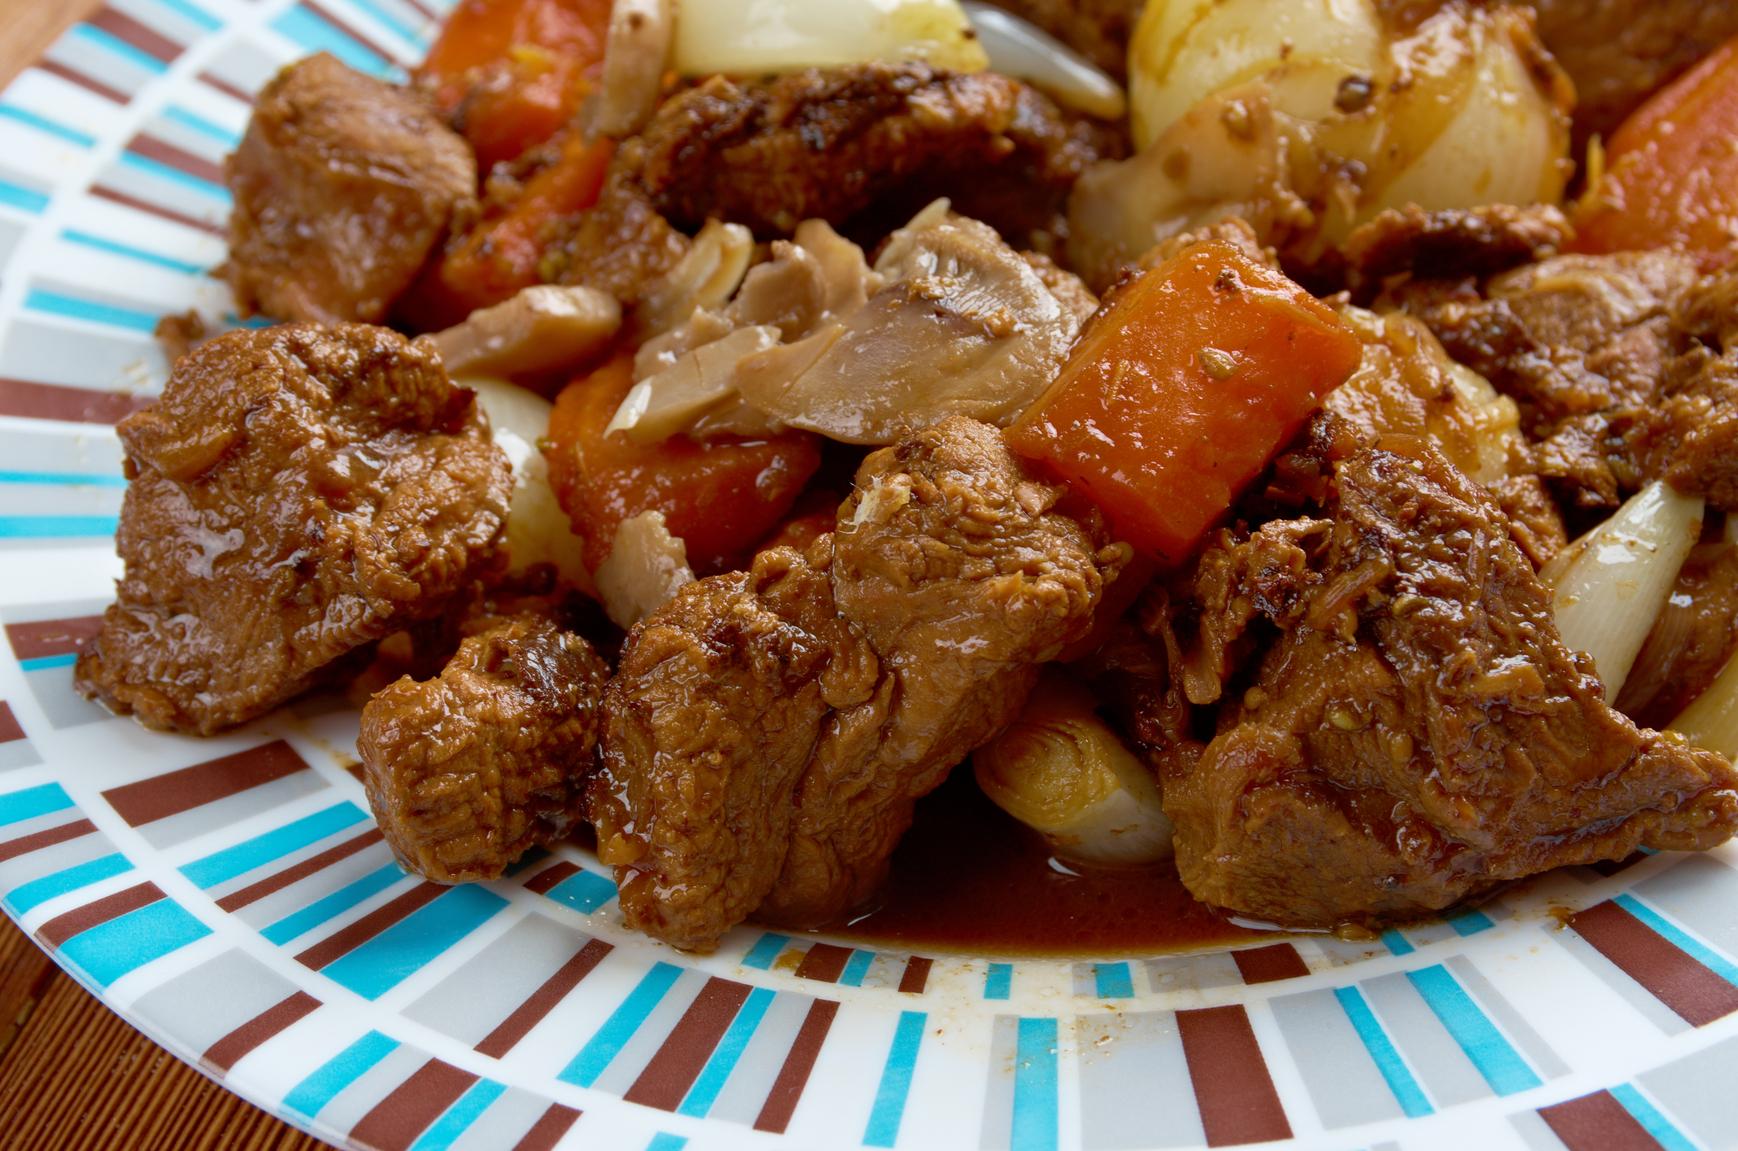 Como Cocinar Carne De Ciervo | Receta De Caldereta De Ciervo Demos La Vuelta Al Dia